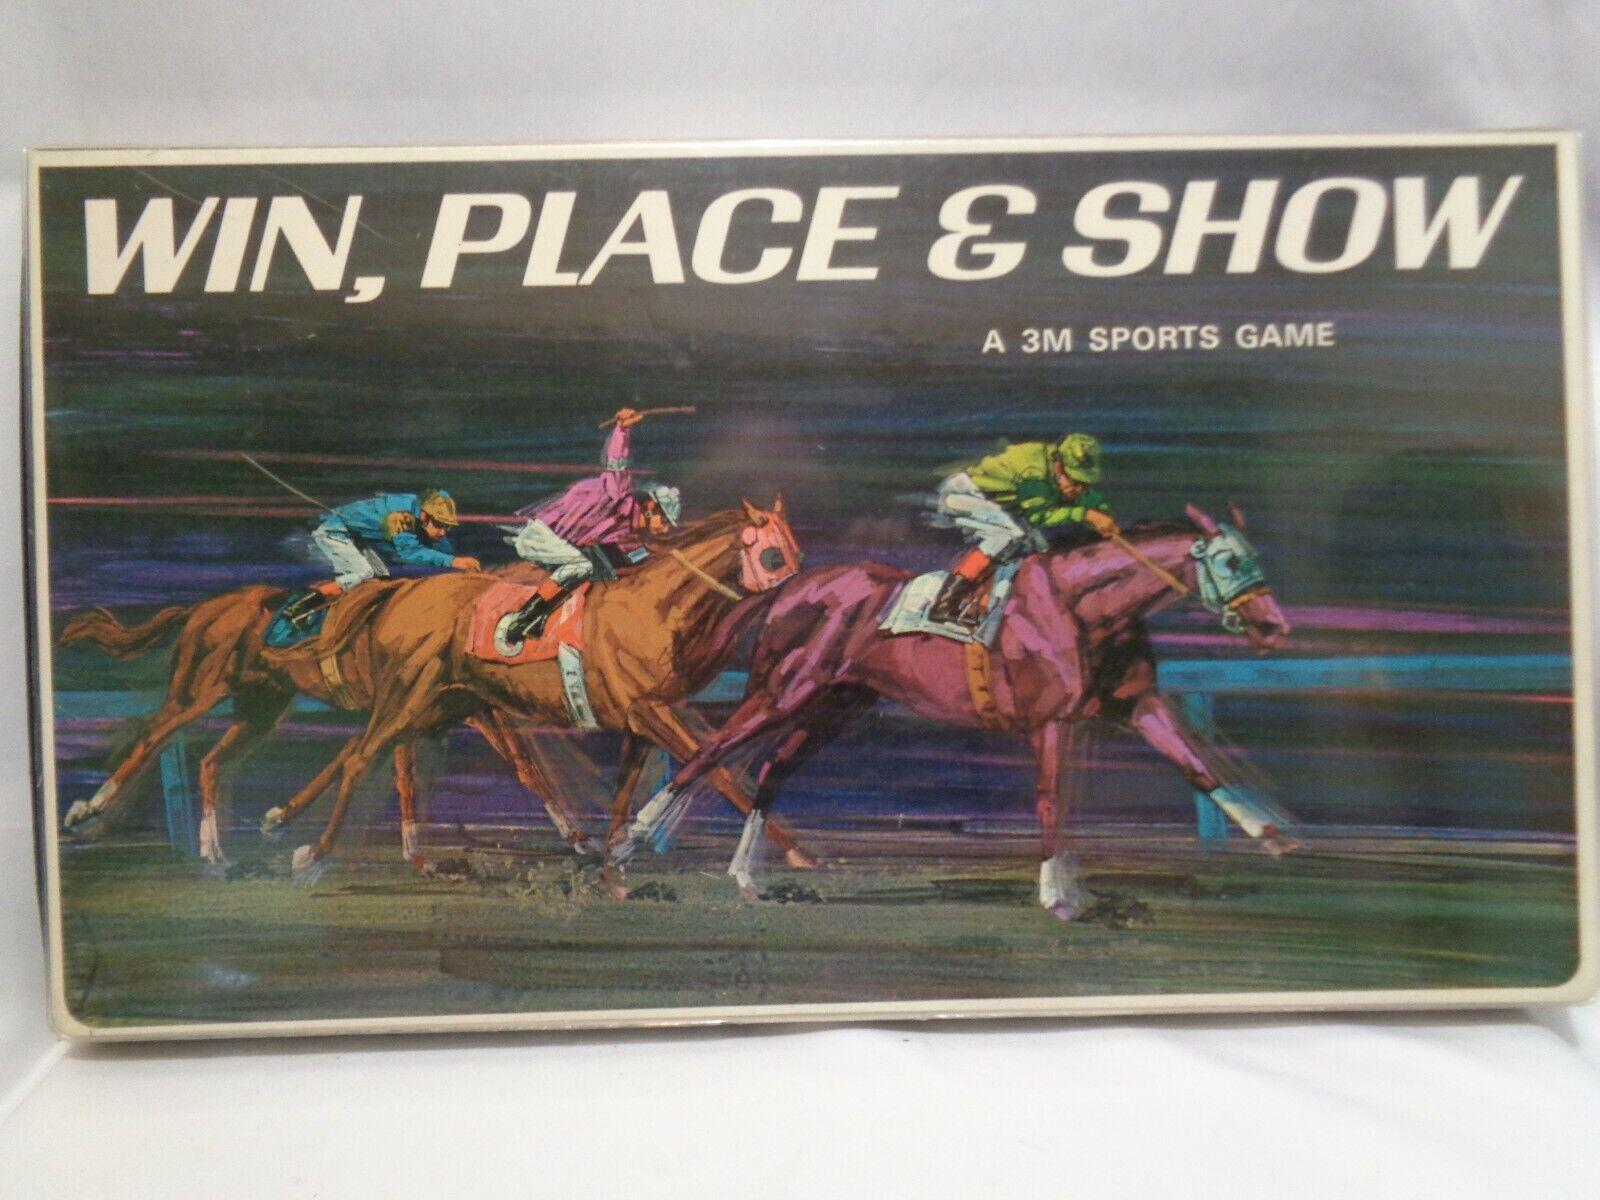 1966 årgång häst Racing spel Fullständigt aldrig använt Win Place and Show 2M Sport